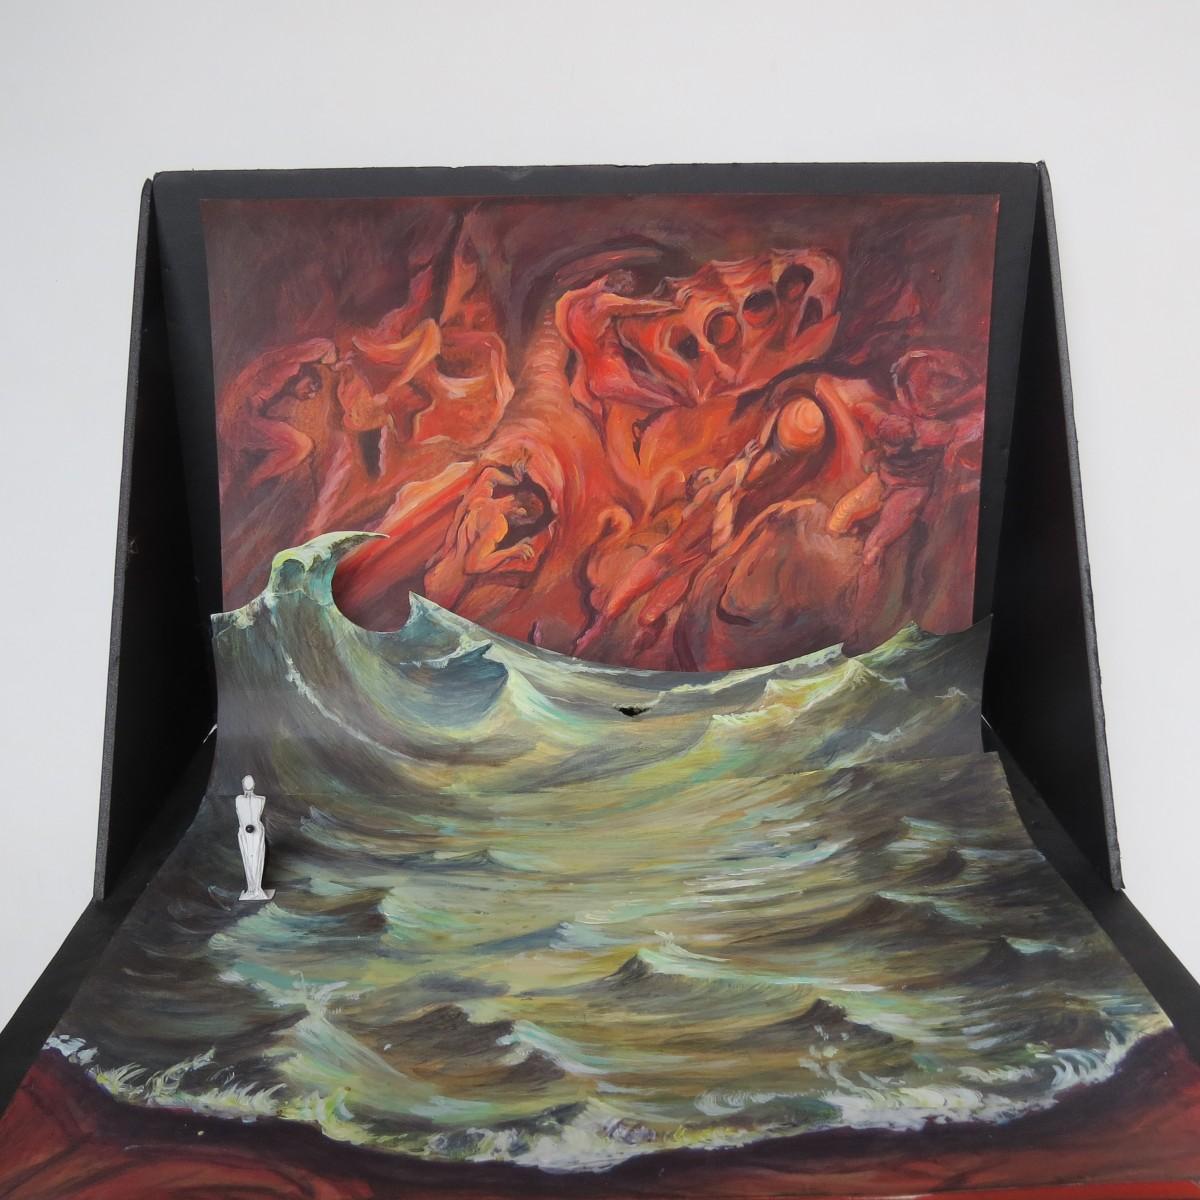 Une autre proposition sur une demande du chorégraphe de passer la matière de la toile peinte dans les tons rouges. Des pénitents fondus dans la terre poussent la matière tel Sisyphe poussant son rocher. Une mer s' amorce sur une construction en toboggan en fond de scène. Sa silhouette a jardin fait référence a la vague d'Hokusai. Cette structure toboggan permet des entrées en glissade pour les danseurs. Cette mer peinte en trompe l'oeil sur le tapis de danse vient mourir a l'avant scène dans un ourlet d' écume. Sont aspect irréelle est renforcé par une ombre portée sous l'écume qui accentue sont aspect flottant.